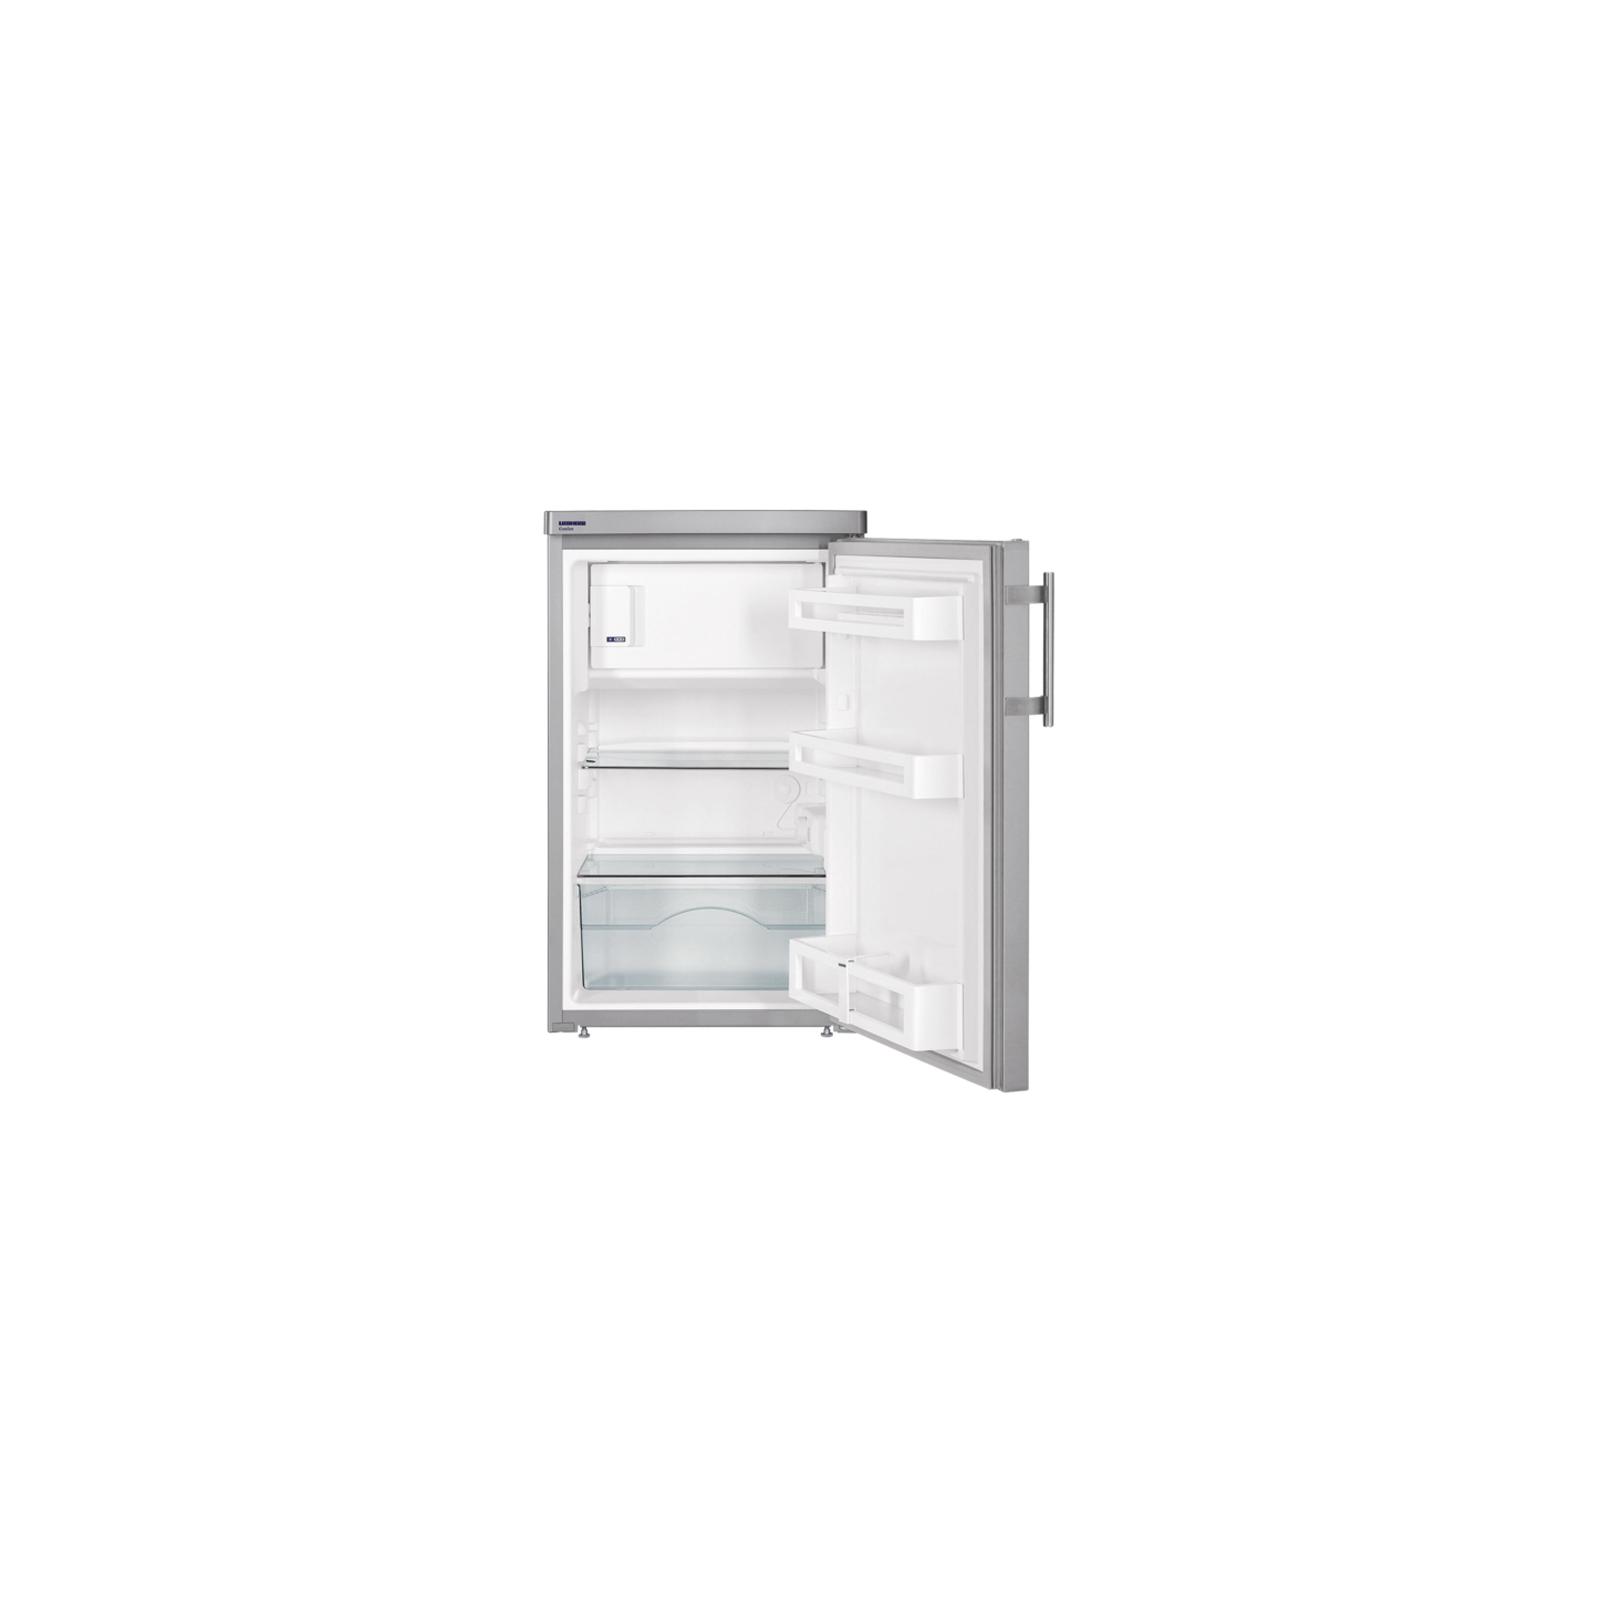 Холодильник Liebherr Tsl 1414 изображение 2